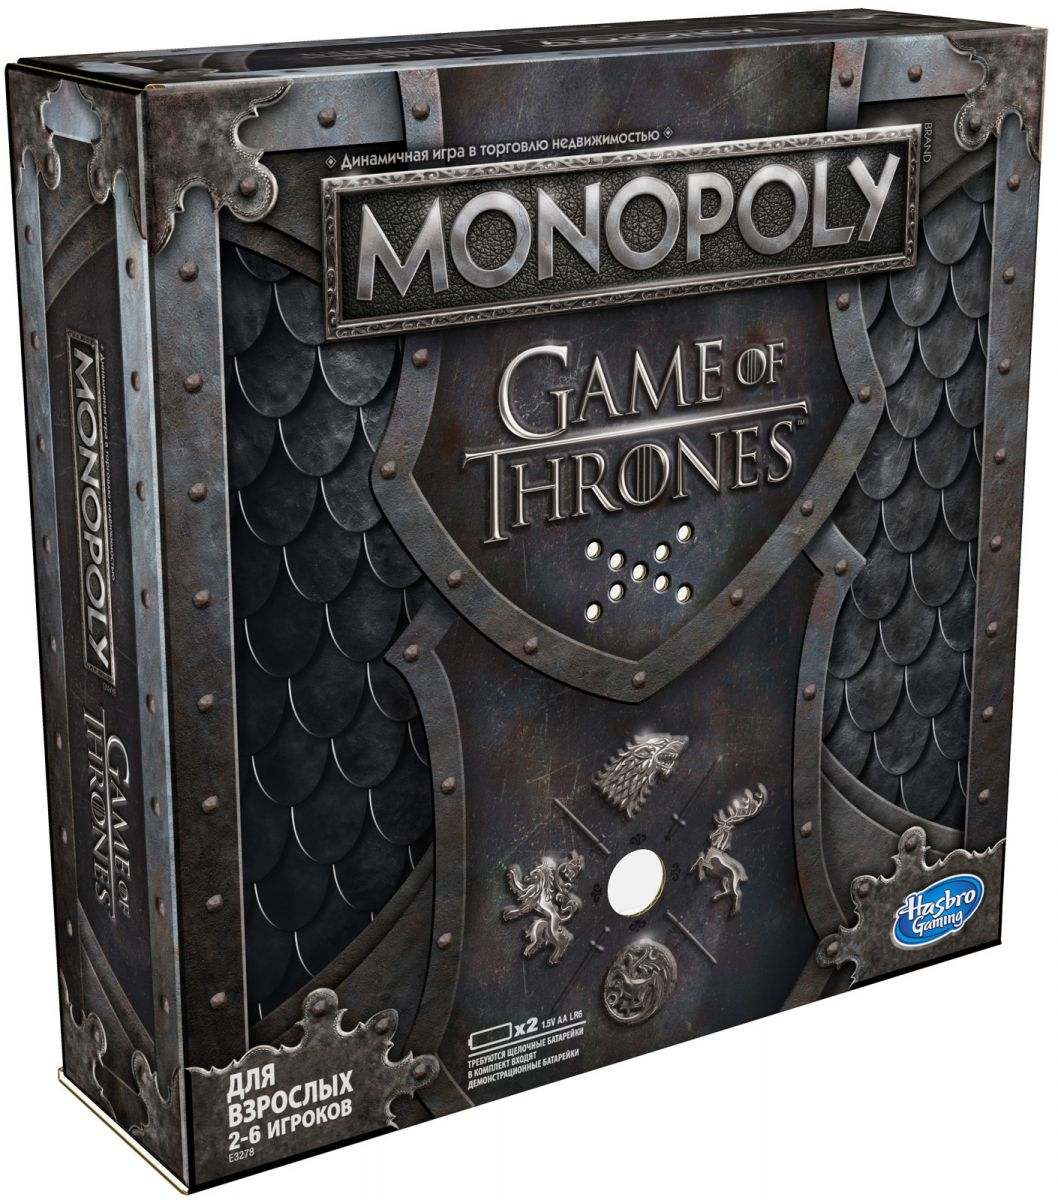 Купить Monopoly E3278 Игра настольная Монополия ИГРА ПРЕСТОЛОВ , Hasbro Gaming, Индонезия